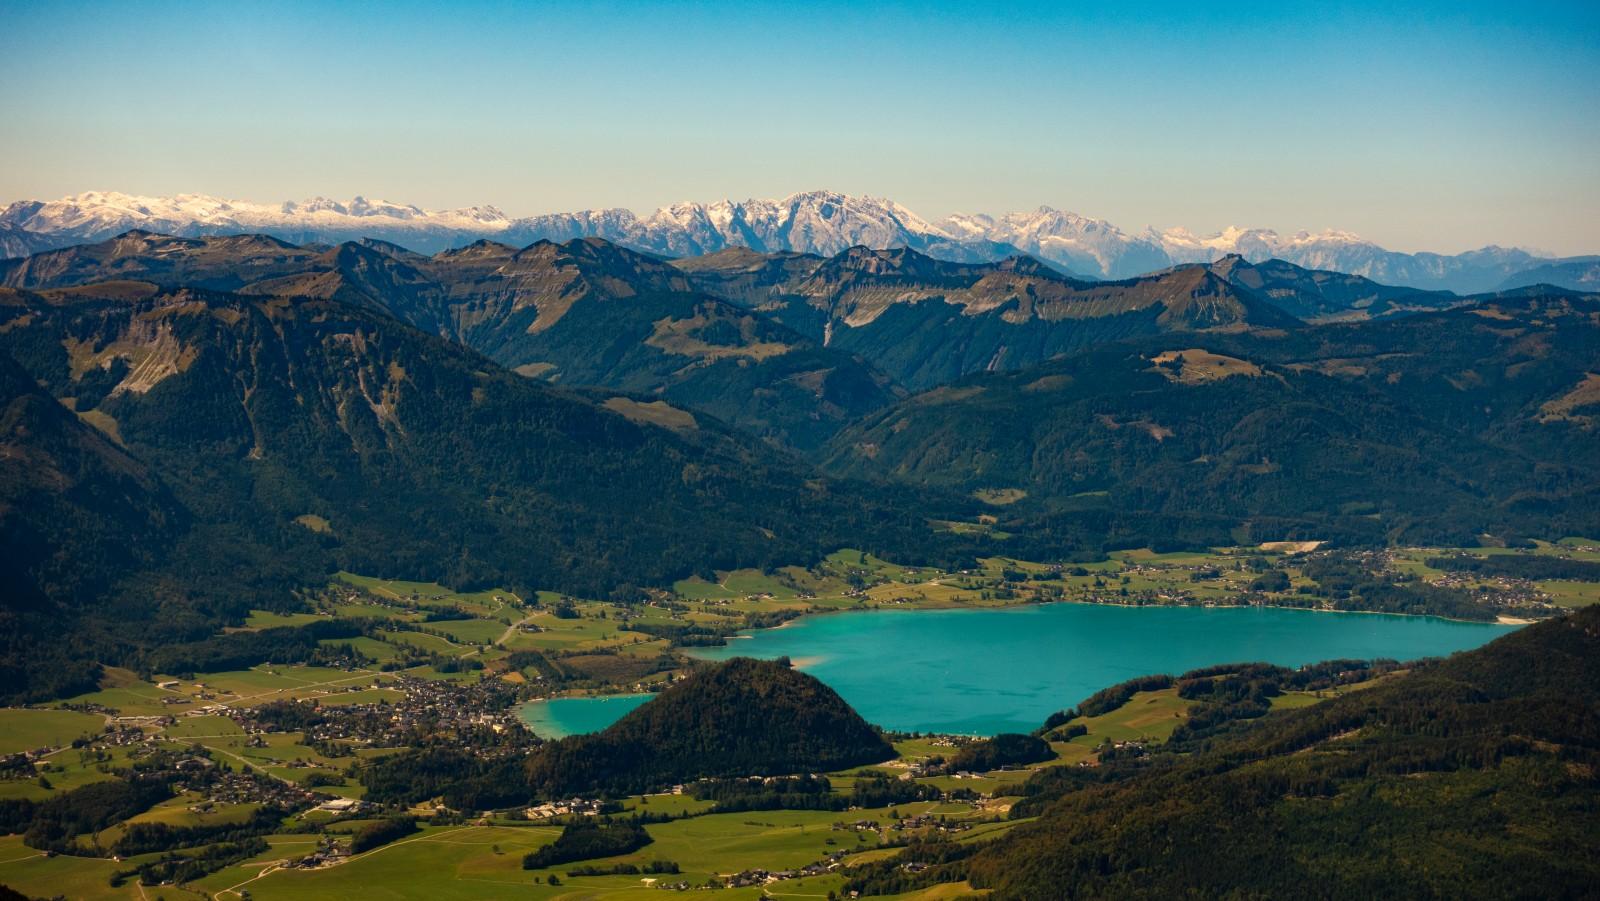 Einzigartige Berge-Seen-Landschaft